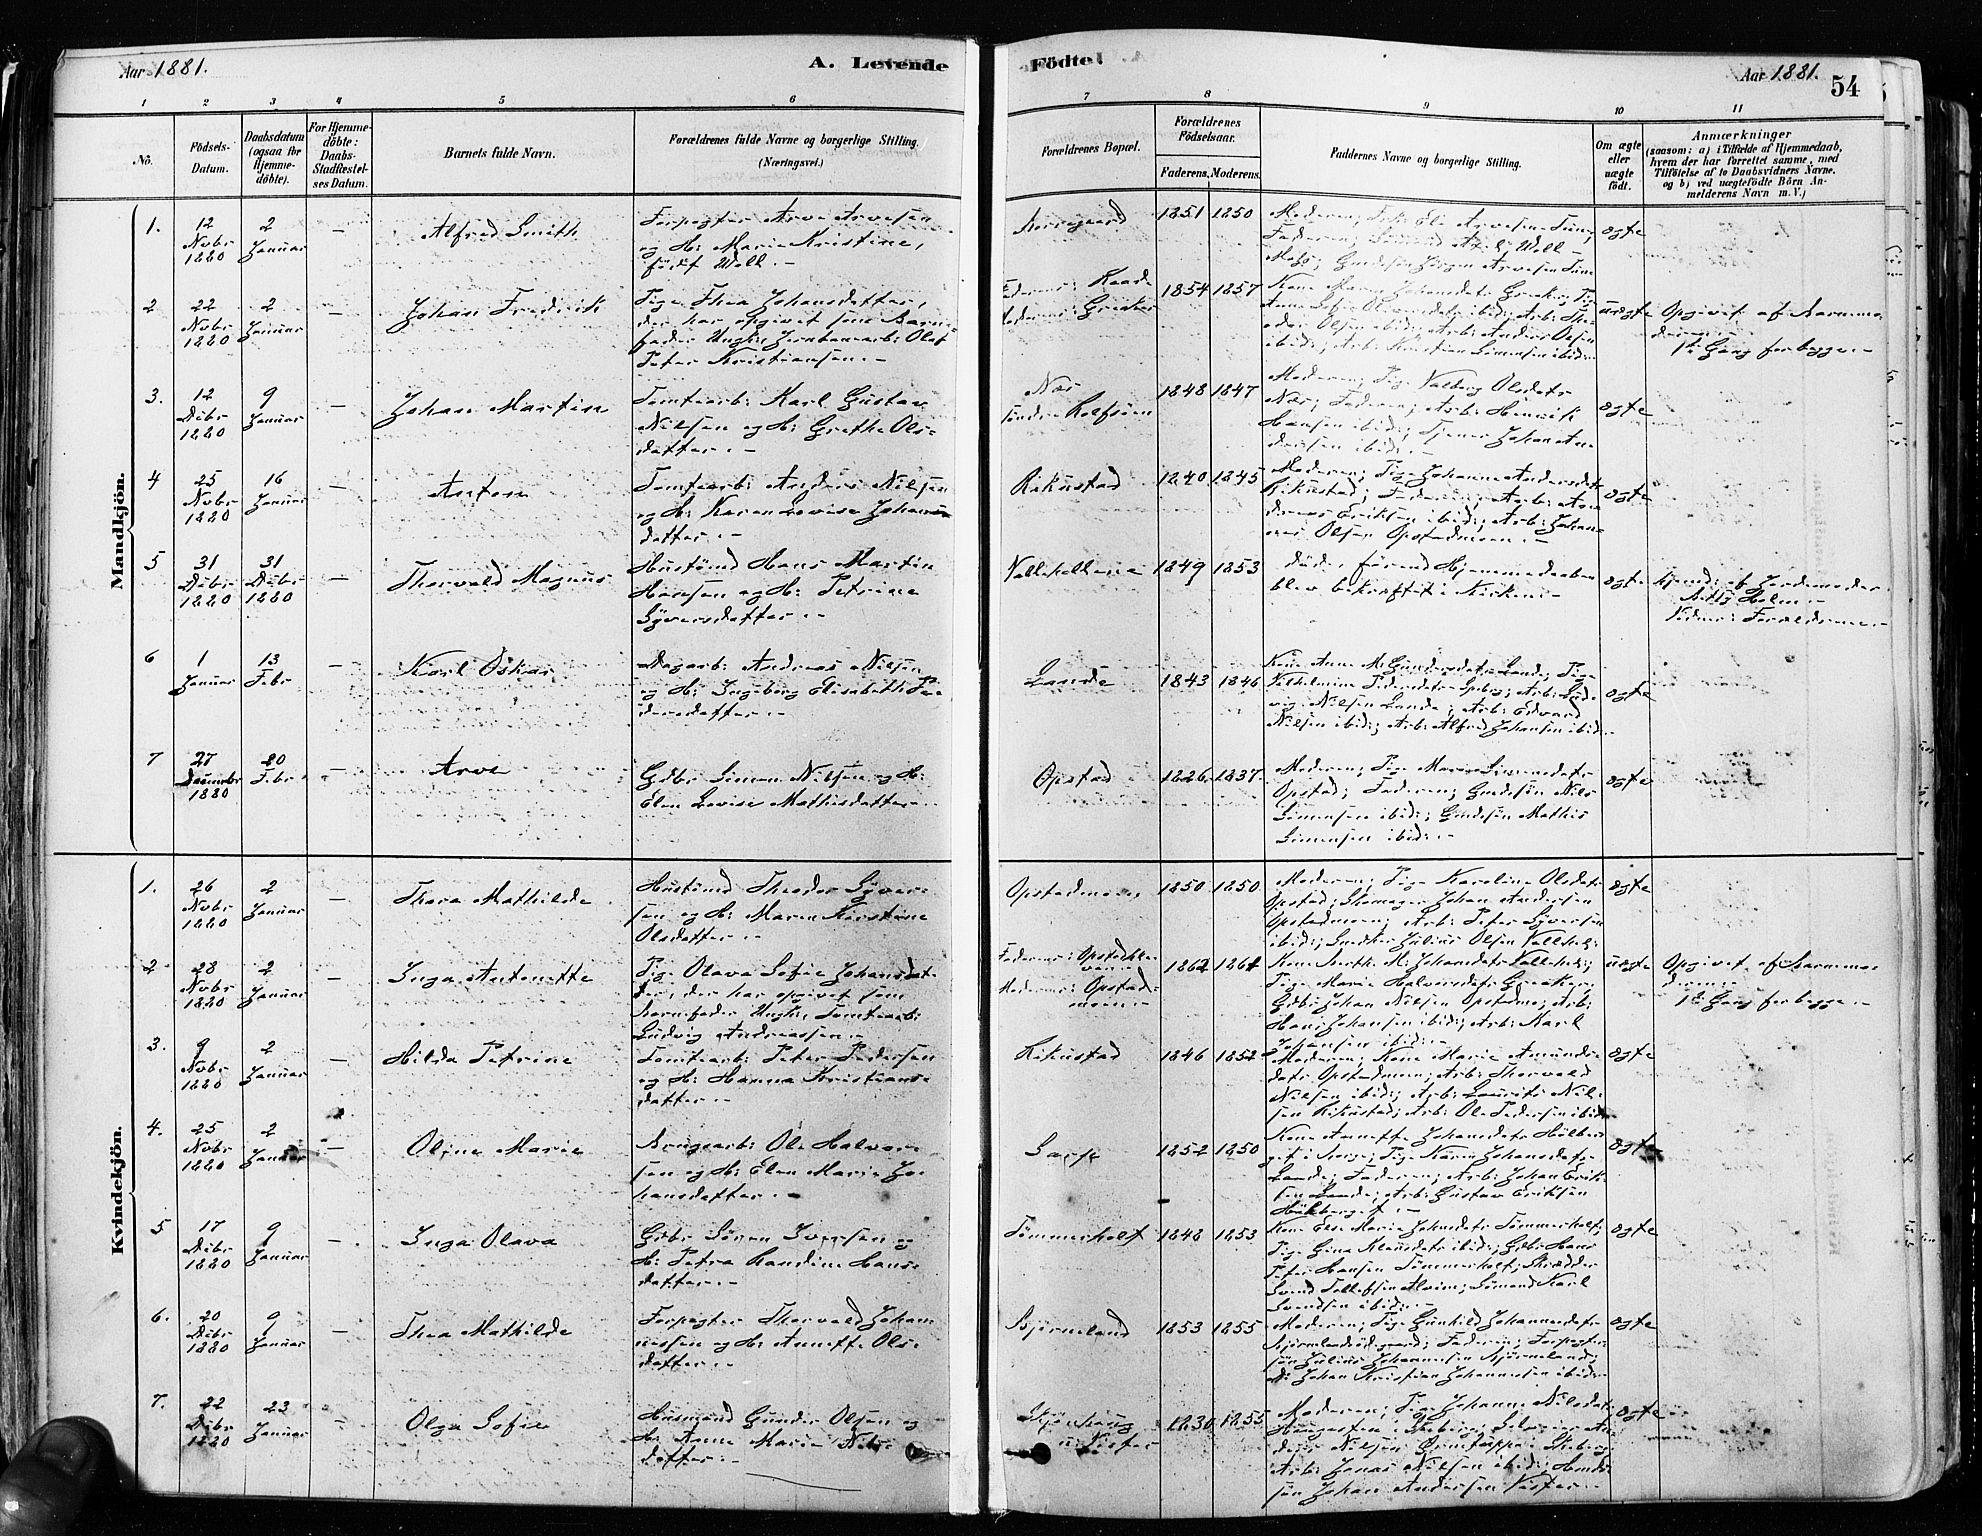 SAO, Tune prestekontor Kirkebøker, F/Fa/L0017: Ministerialbok nr. 17, 1878-1887, s. 54